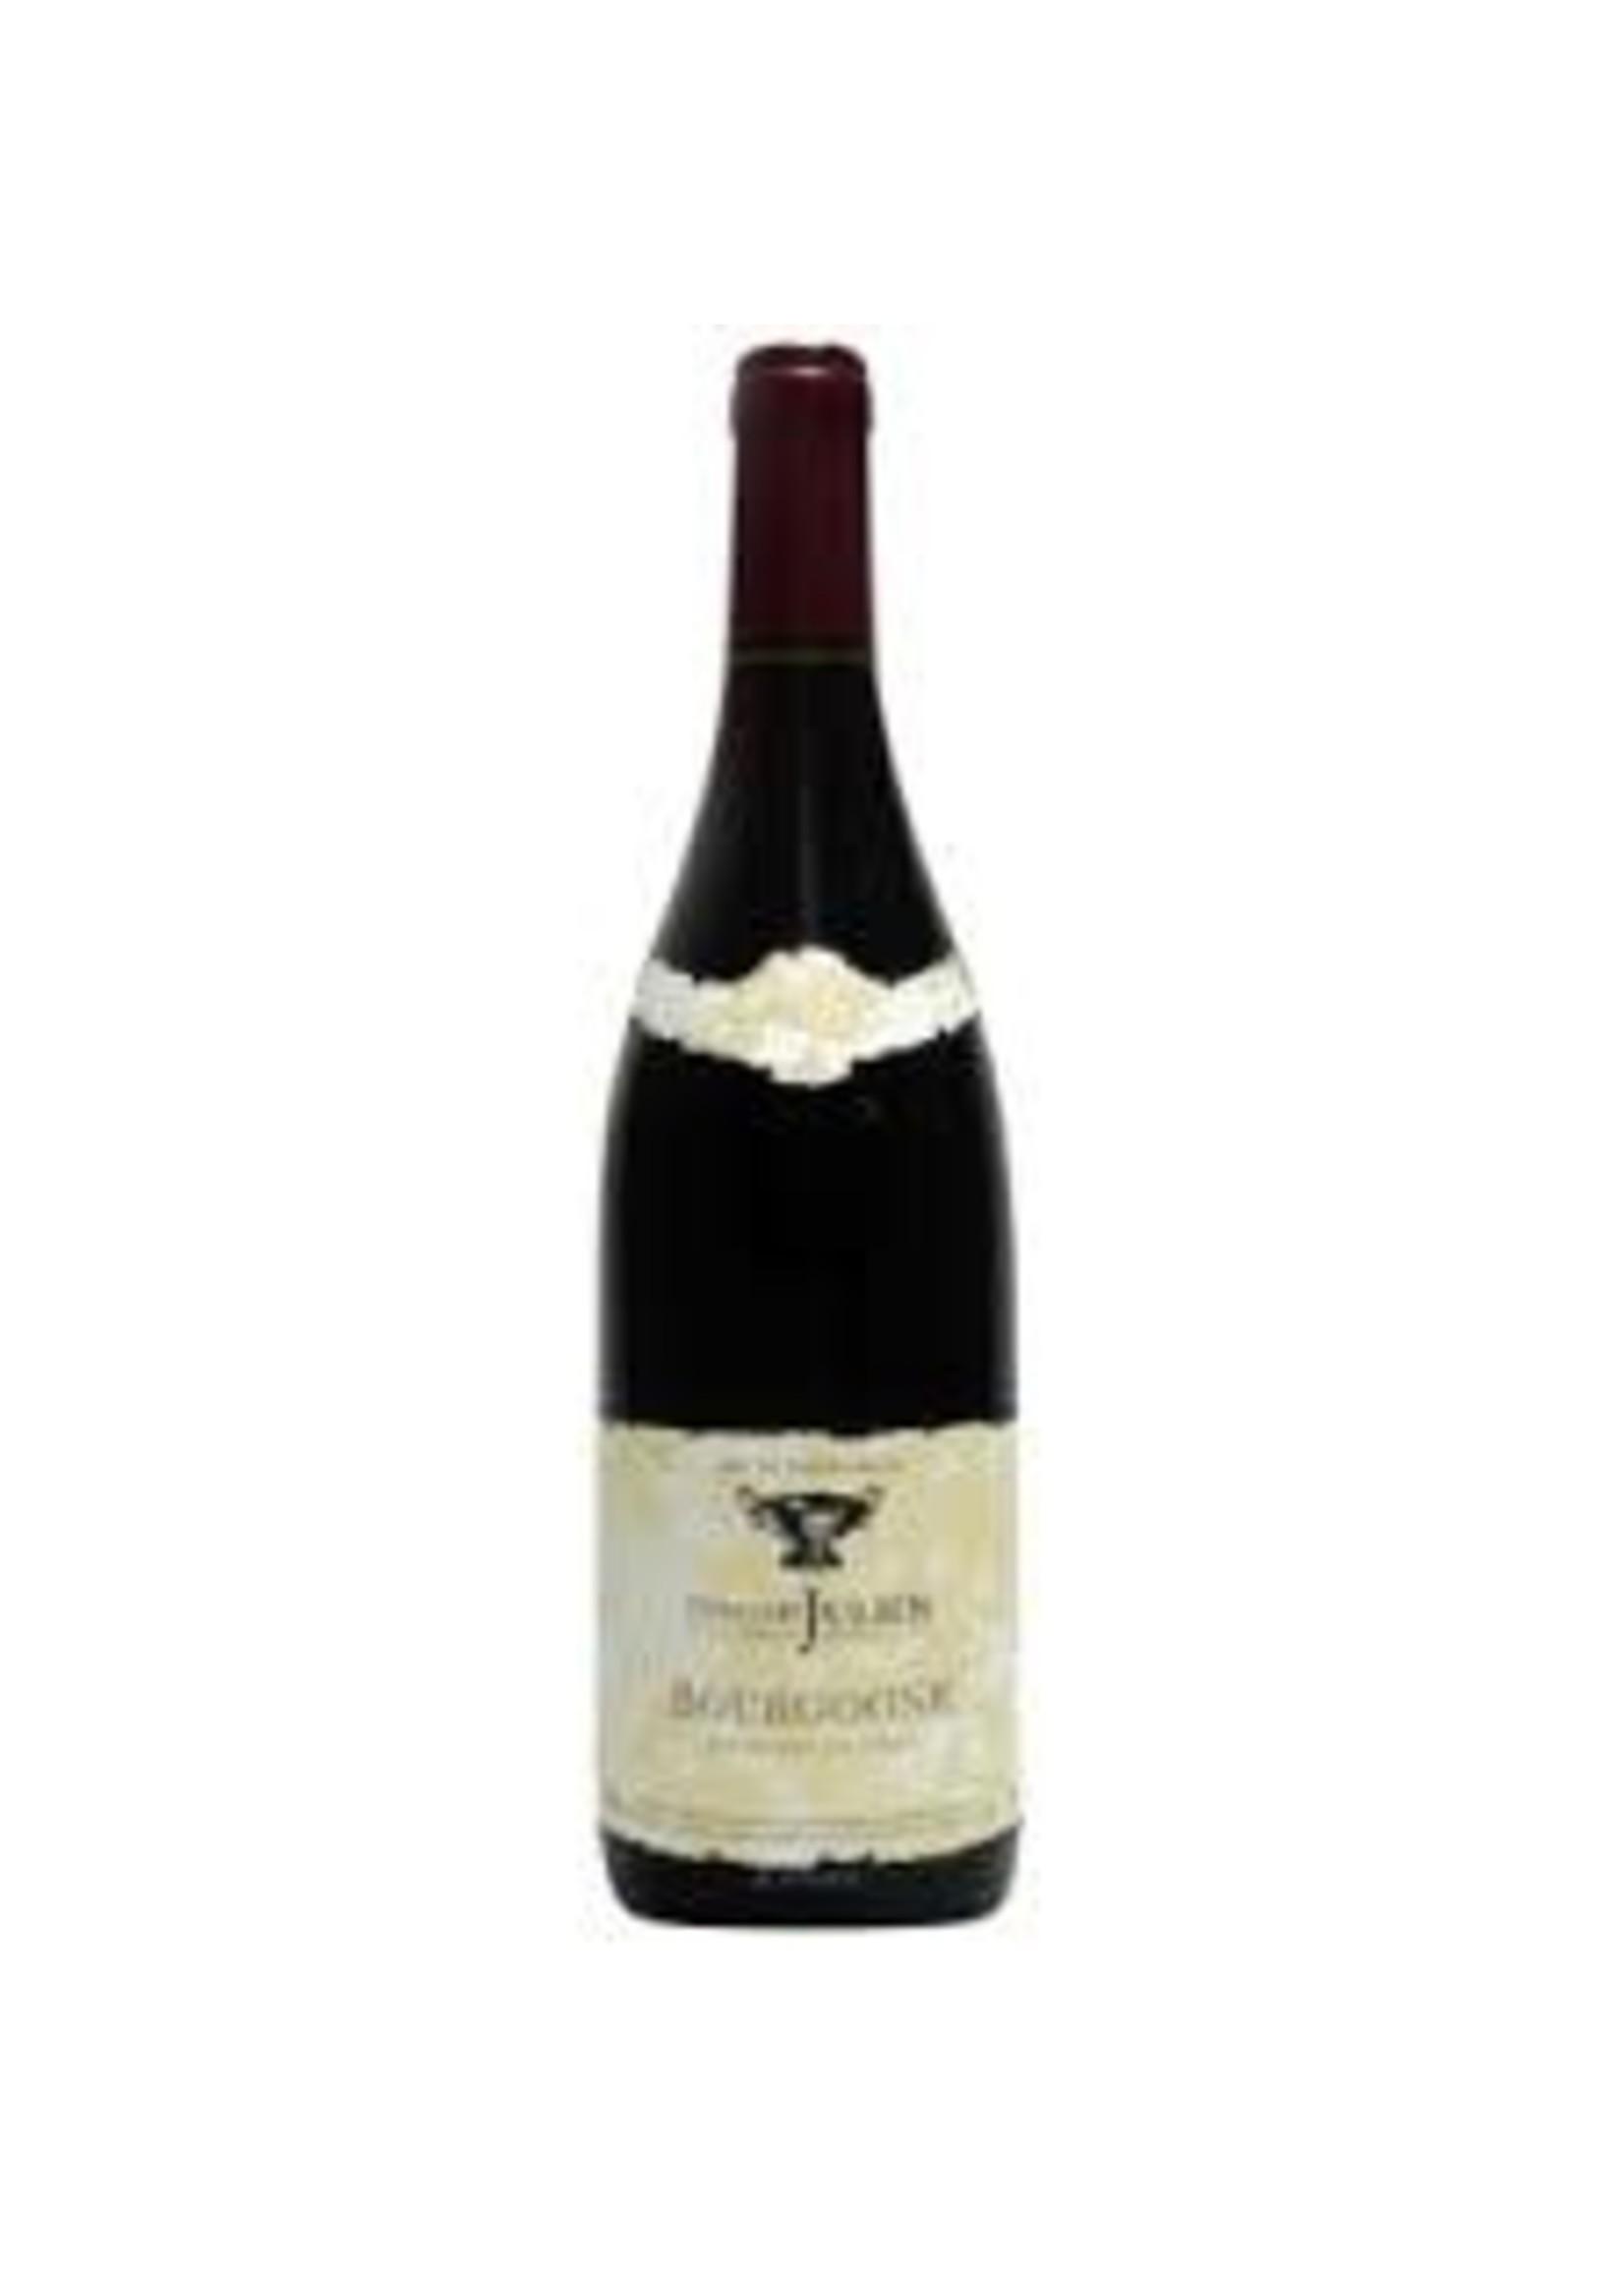 Domaine Julien 2018 Bourgogne Rouge 750ml